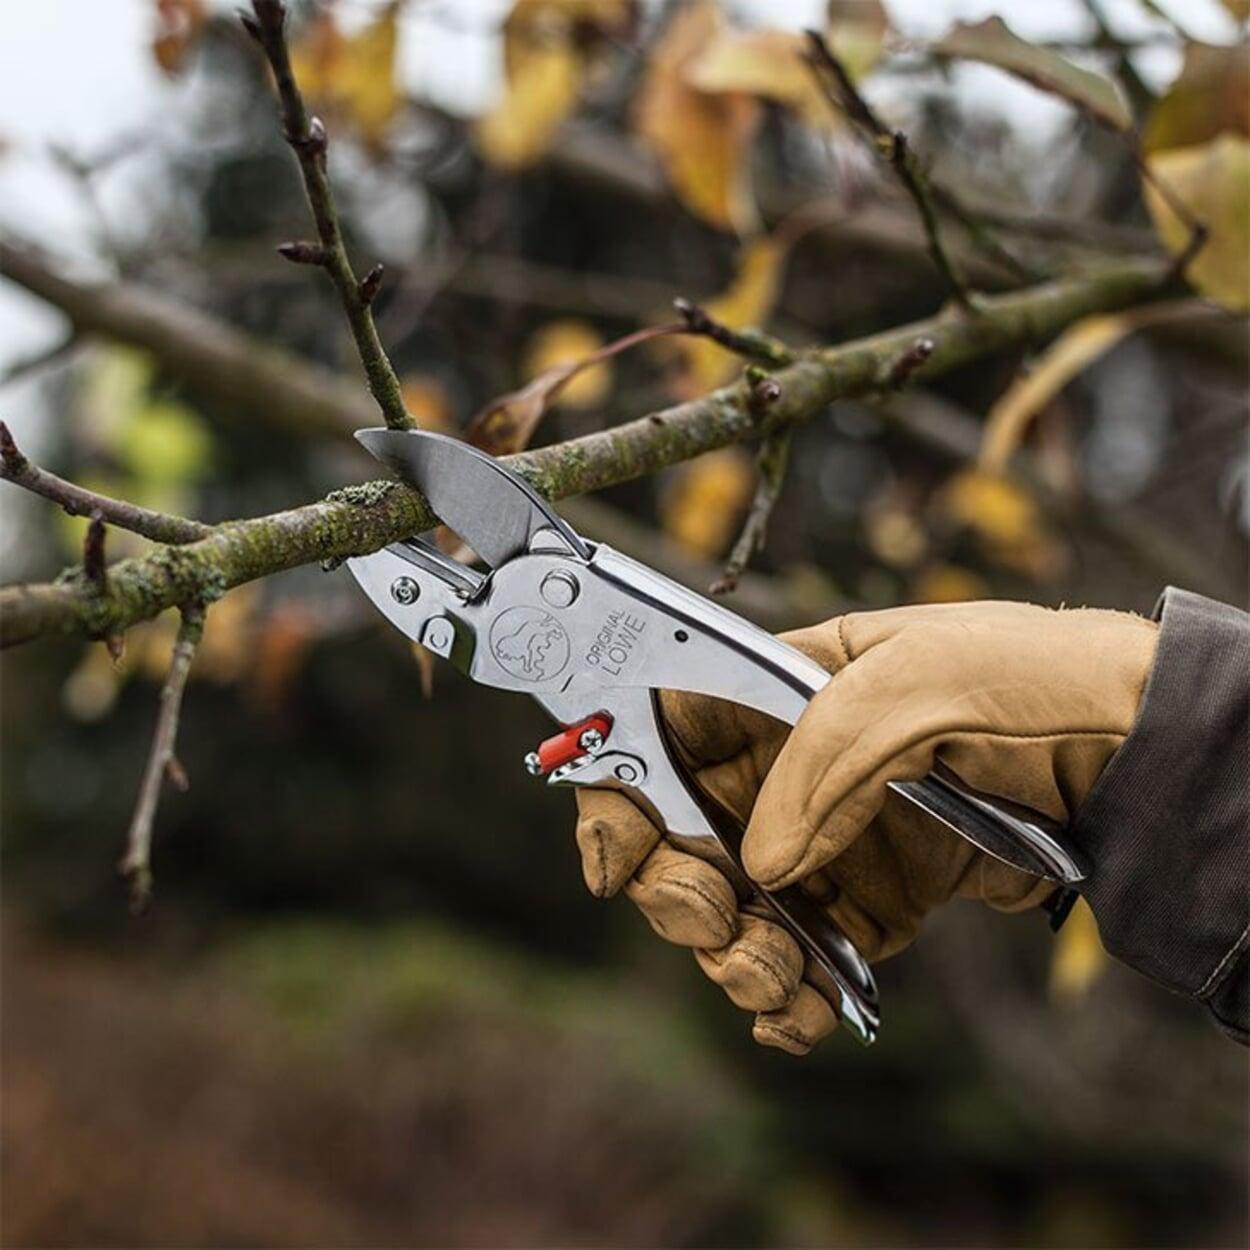 Zweige mit einer Amboss-Schere schneiden